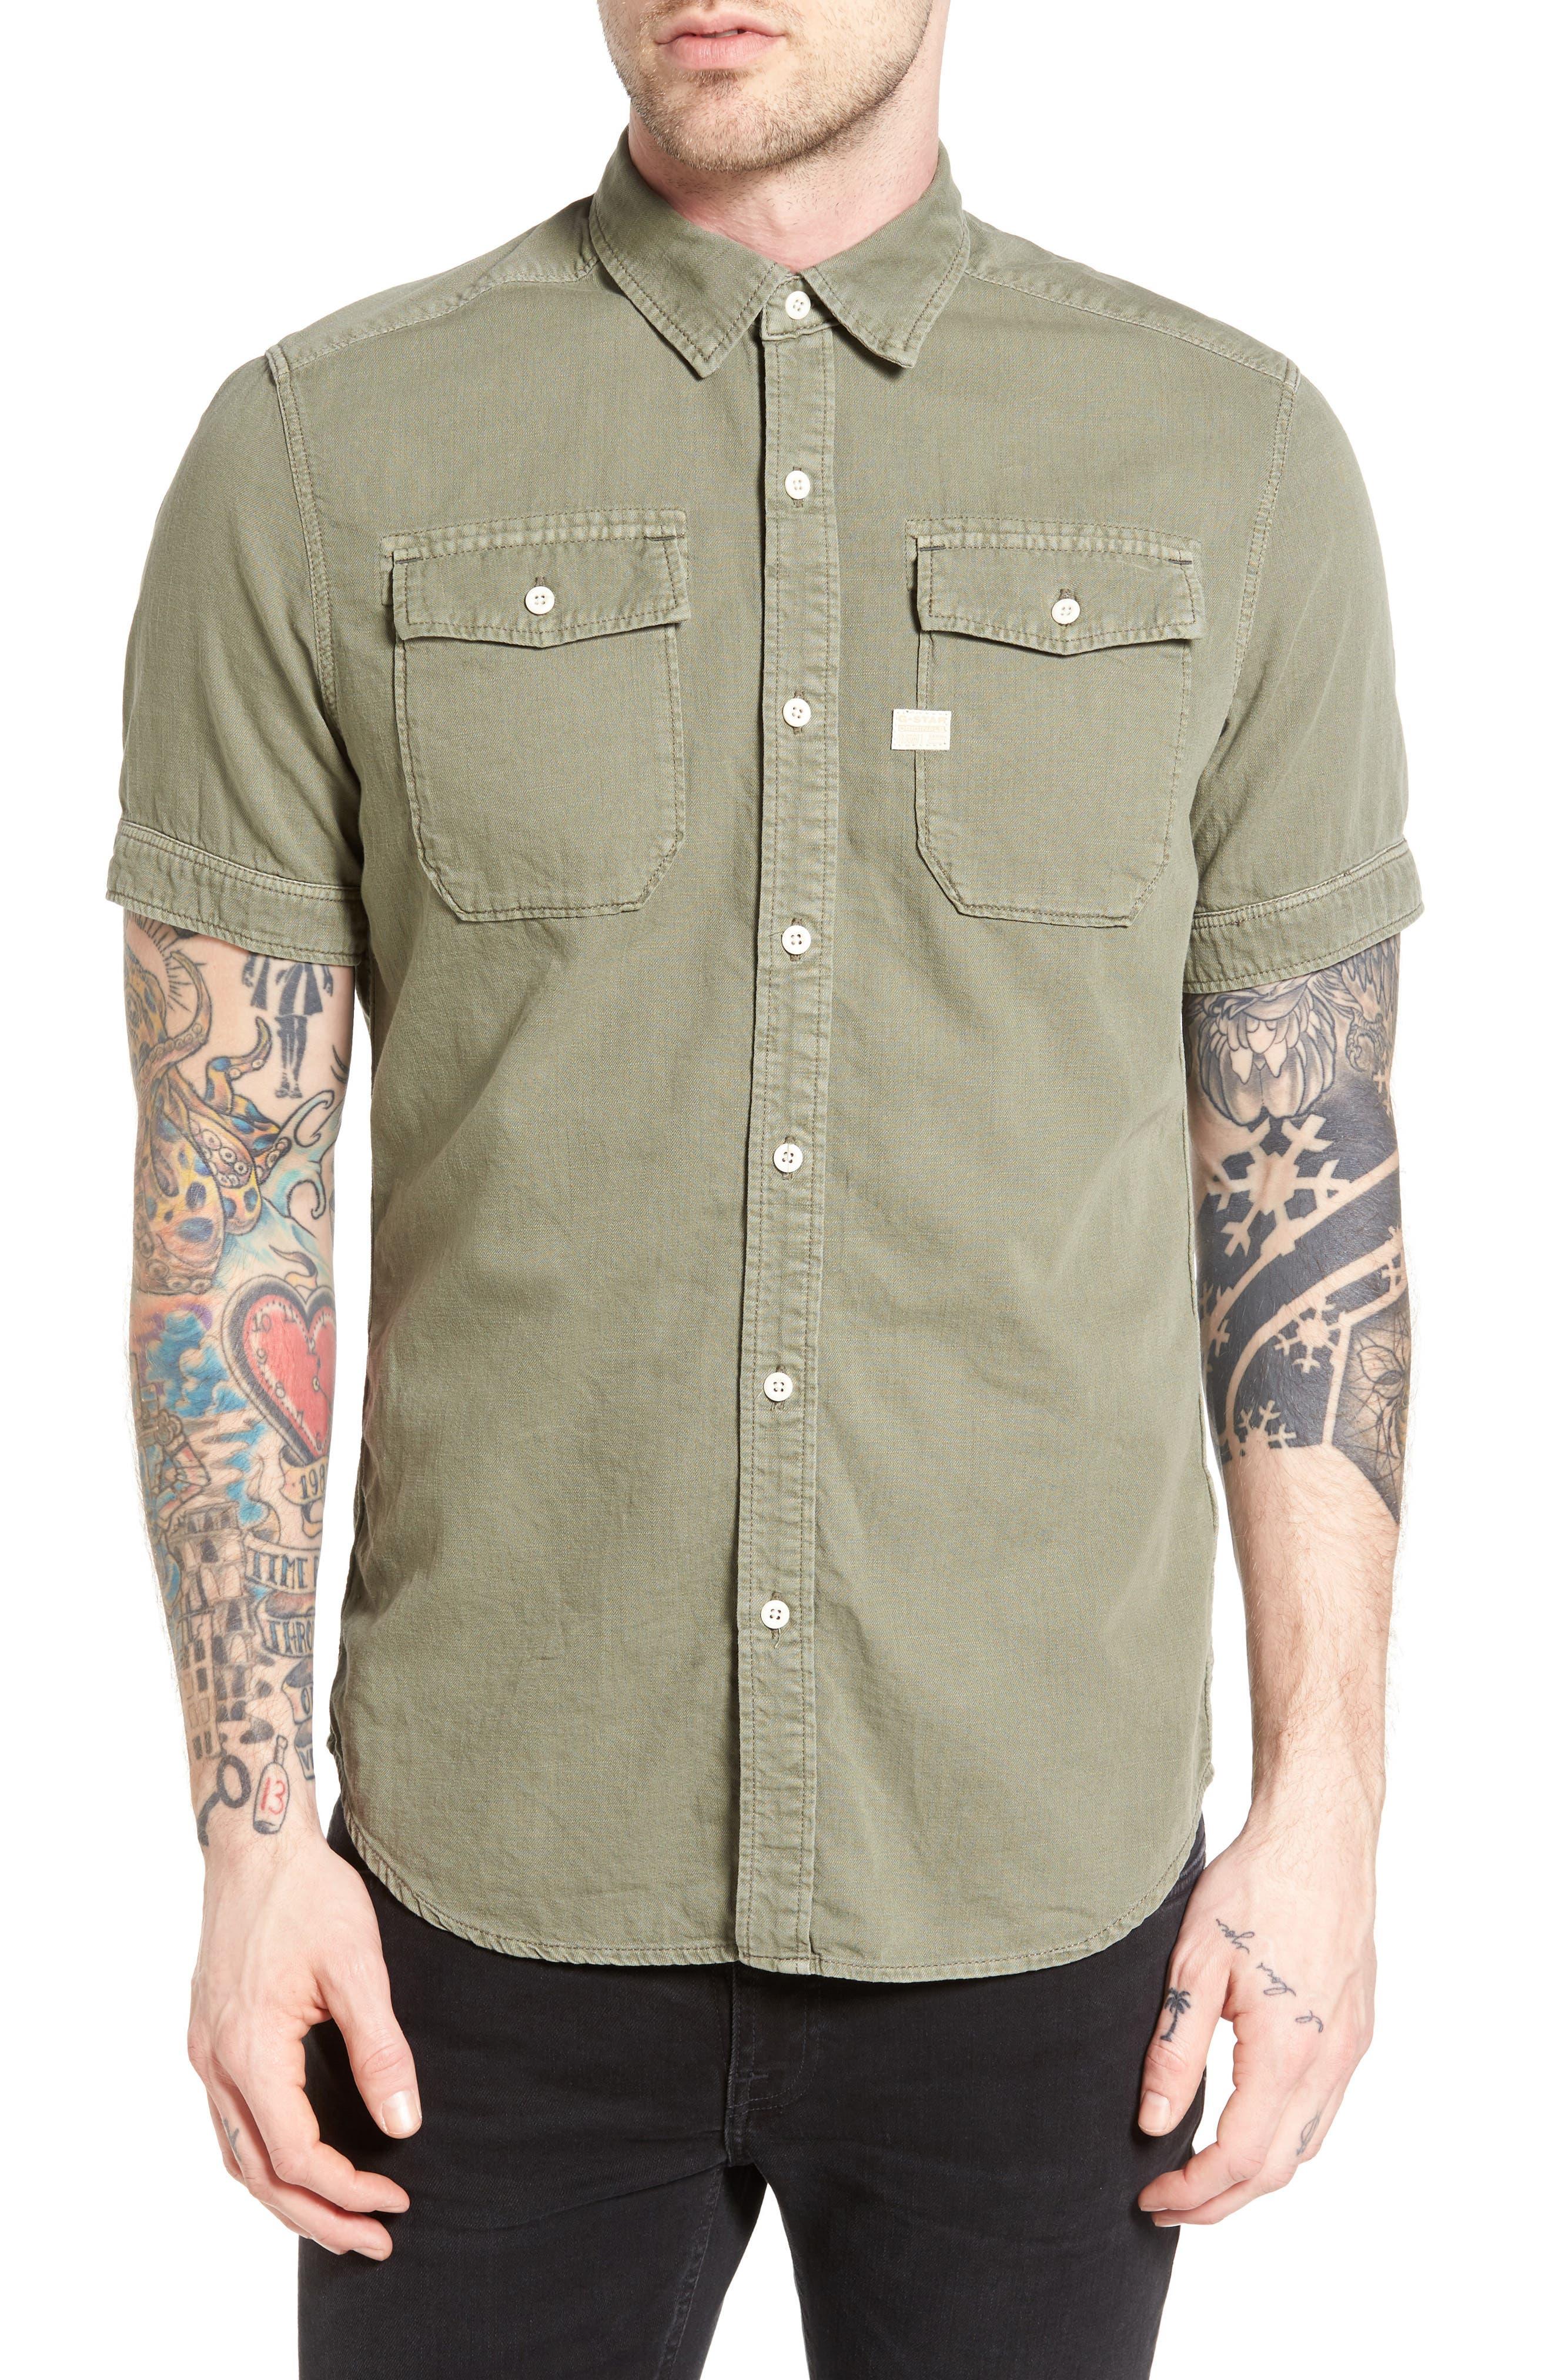 G-Star Raw Landoh Deconstructed Woven Shirt